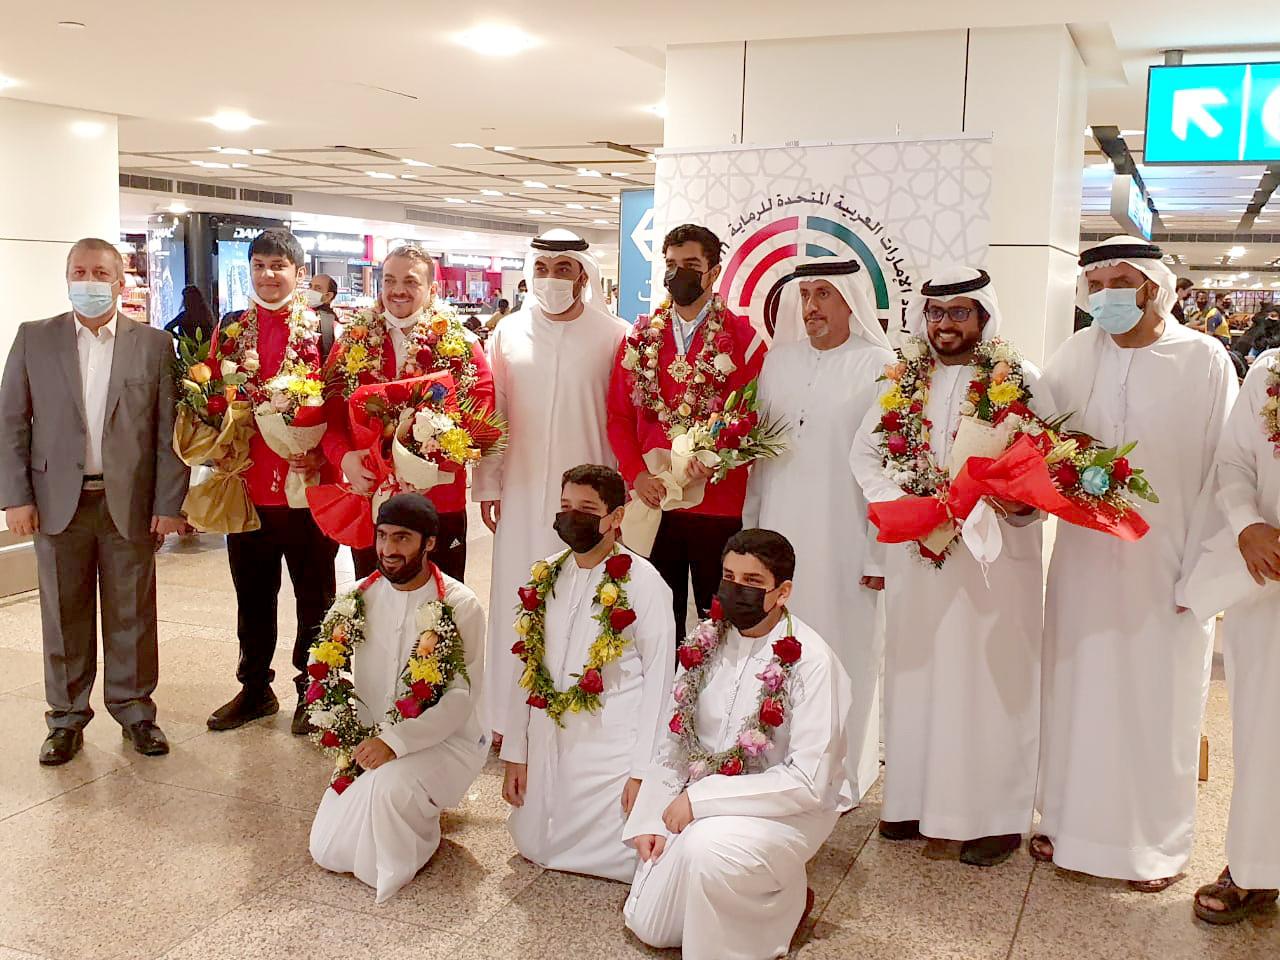 استقبال بالورد لمنتخب الرماية لدى عودته من المشاركة في البطولة الآسيوية